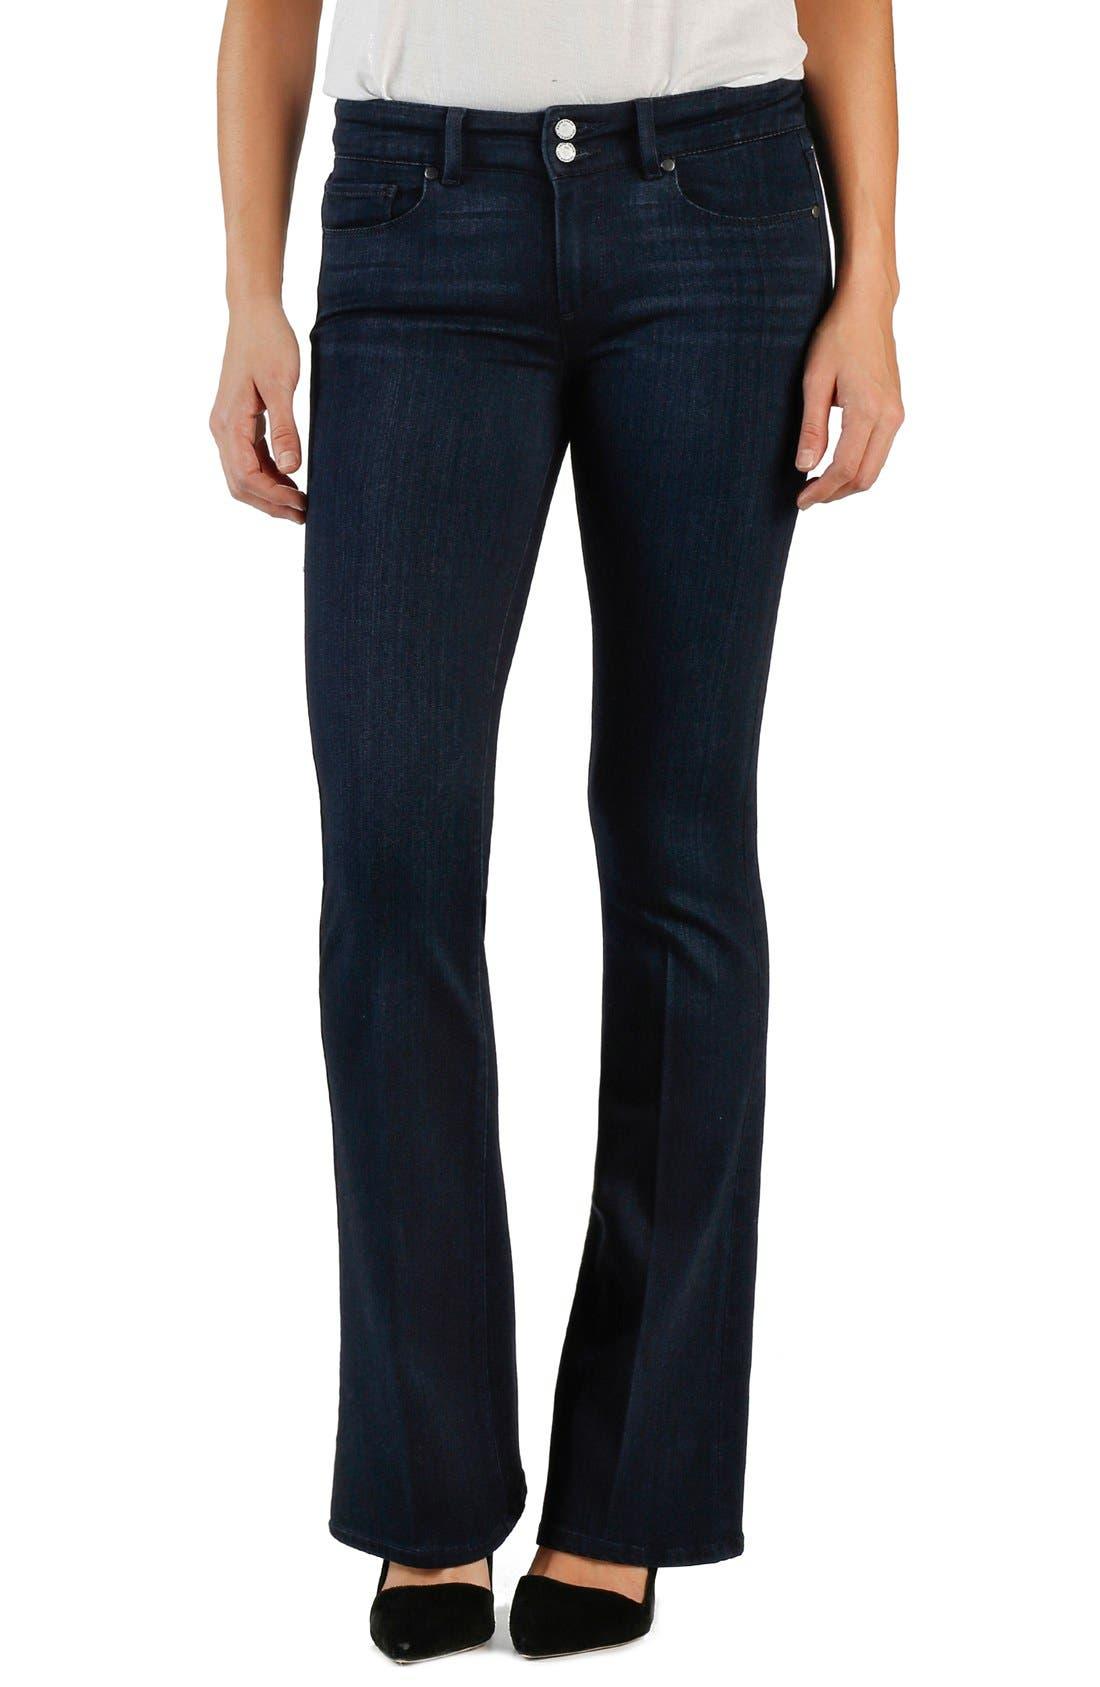 Main Image - PAIGE 'Transcend - Hidden Hills' Bootcut Jeans (Bette)